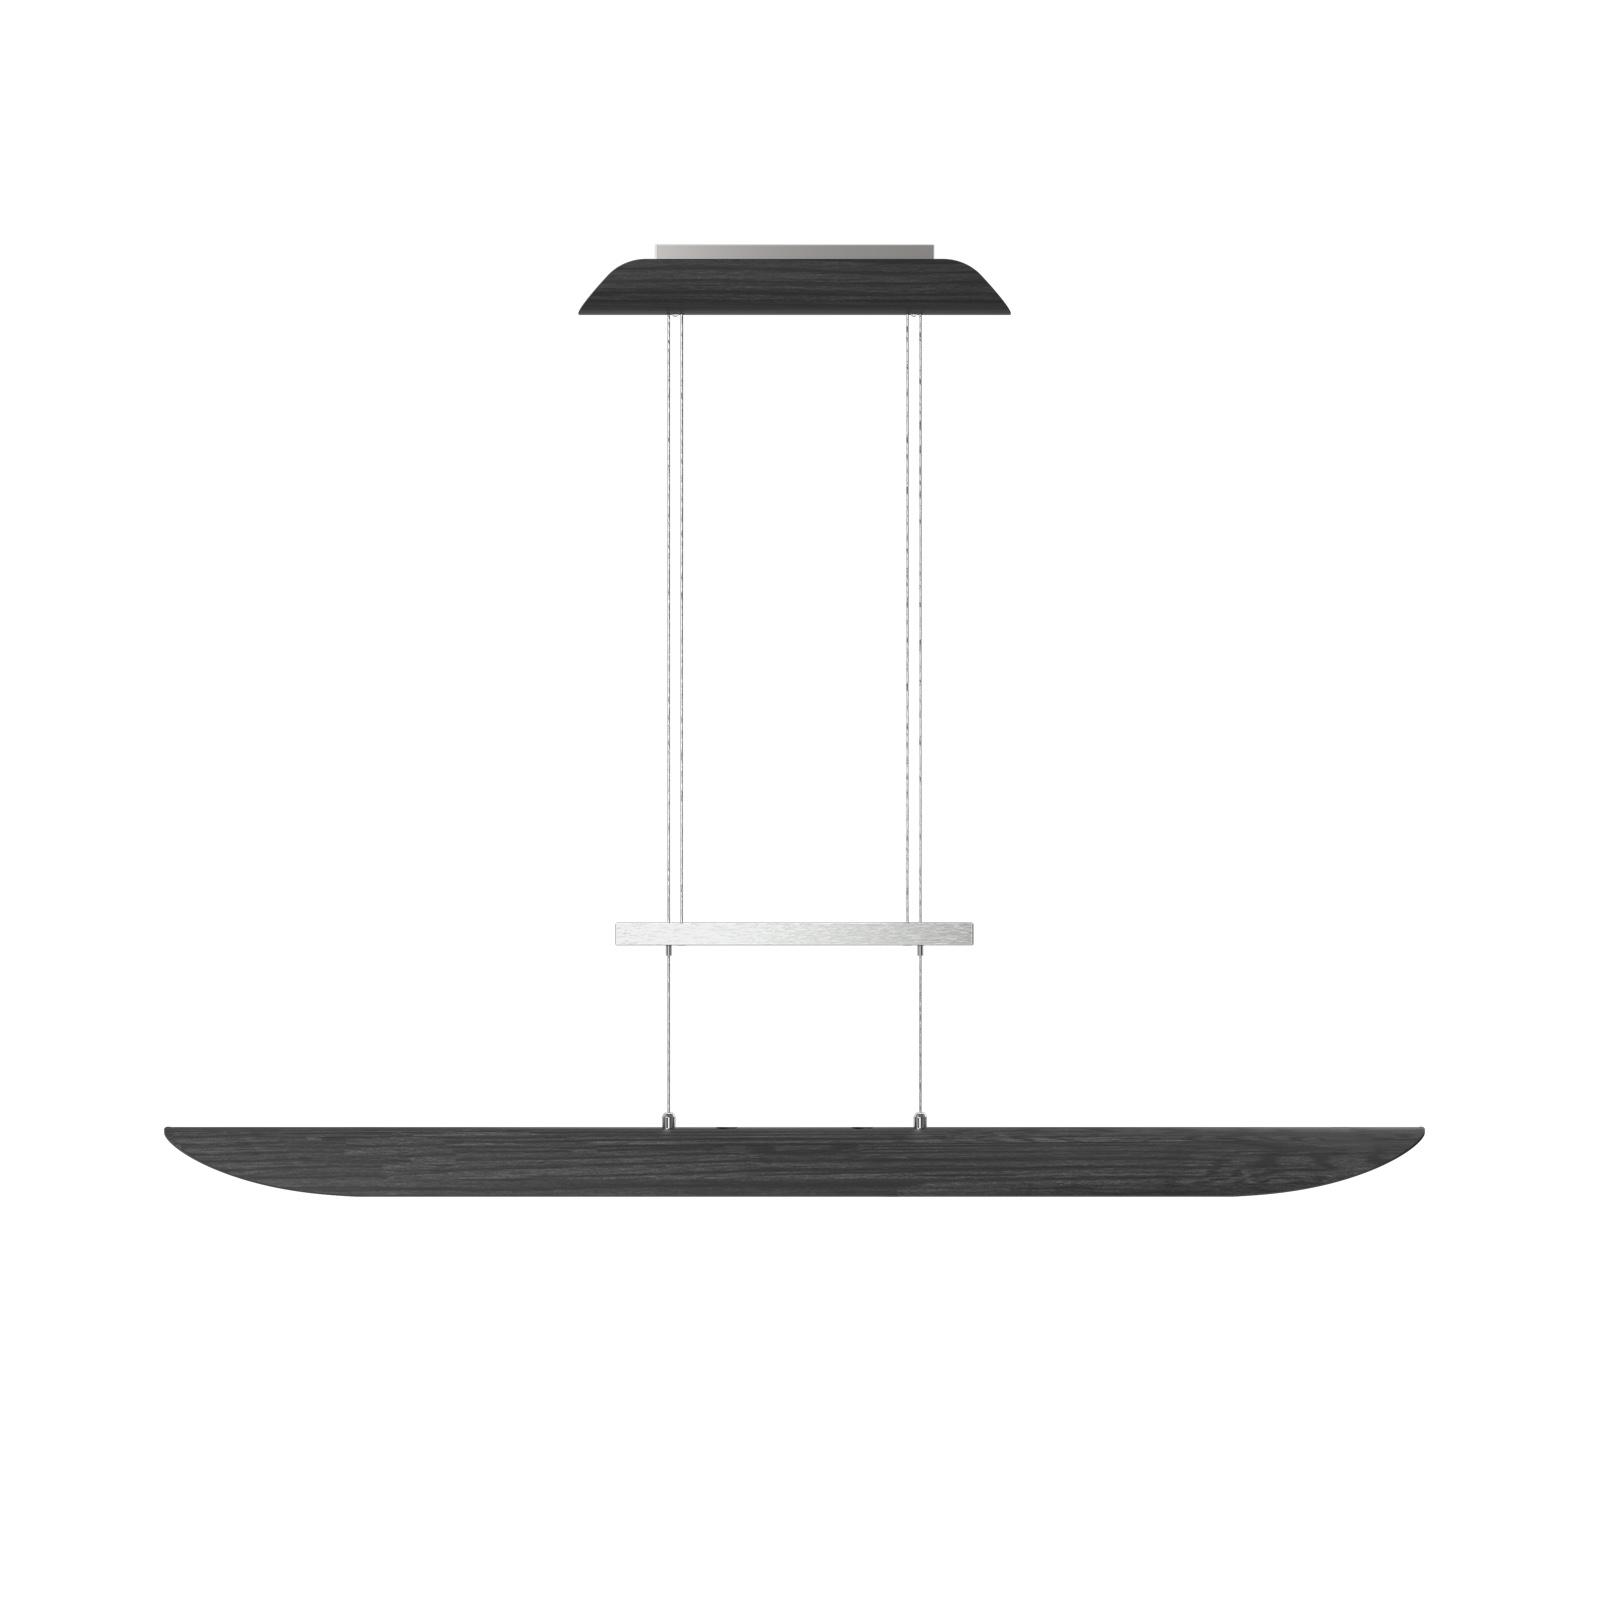 LED-Pendelleuchte Colombia XL, Eiche schwarz